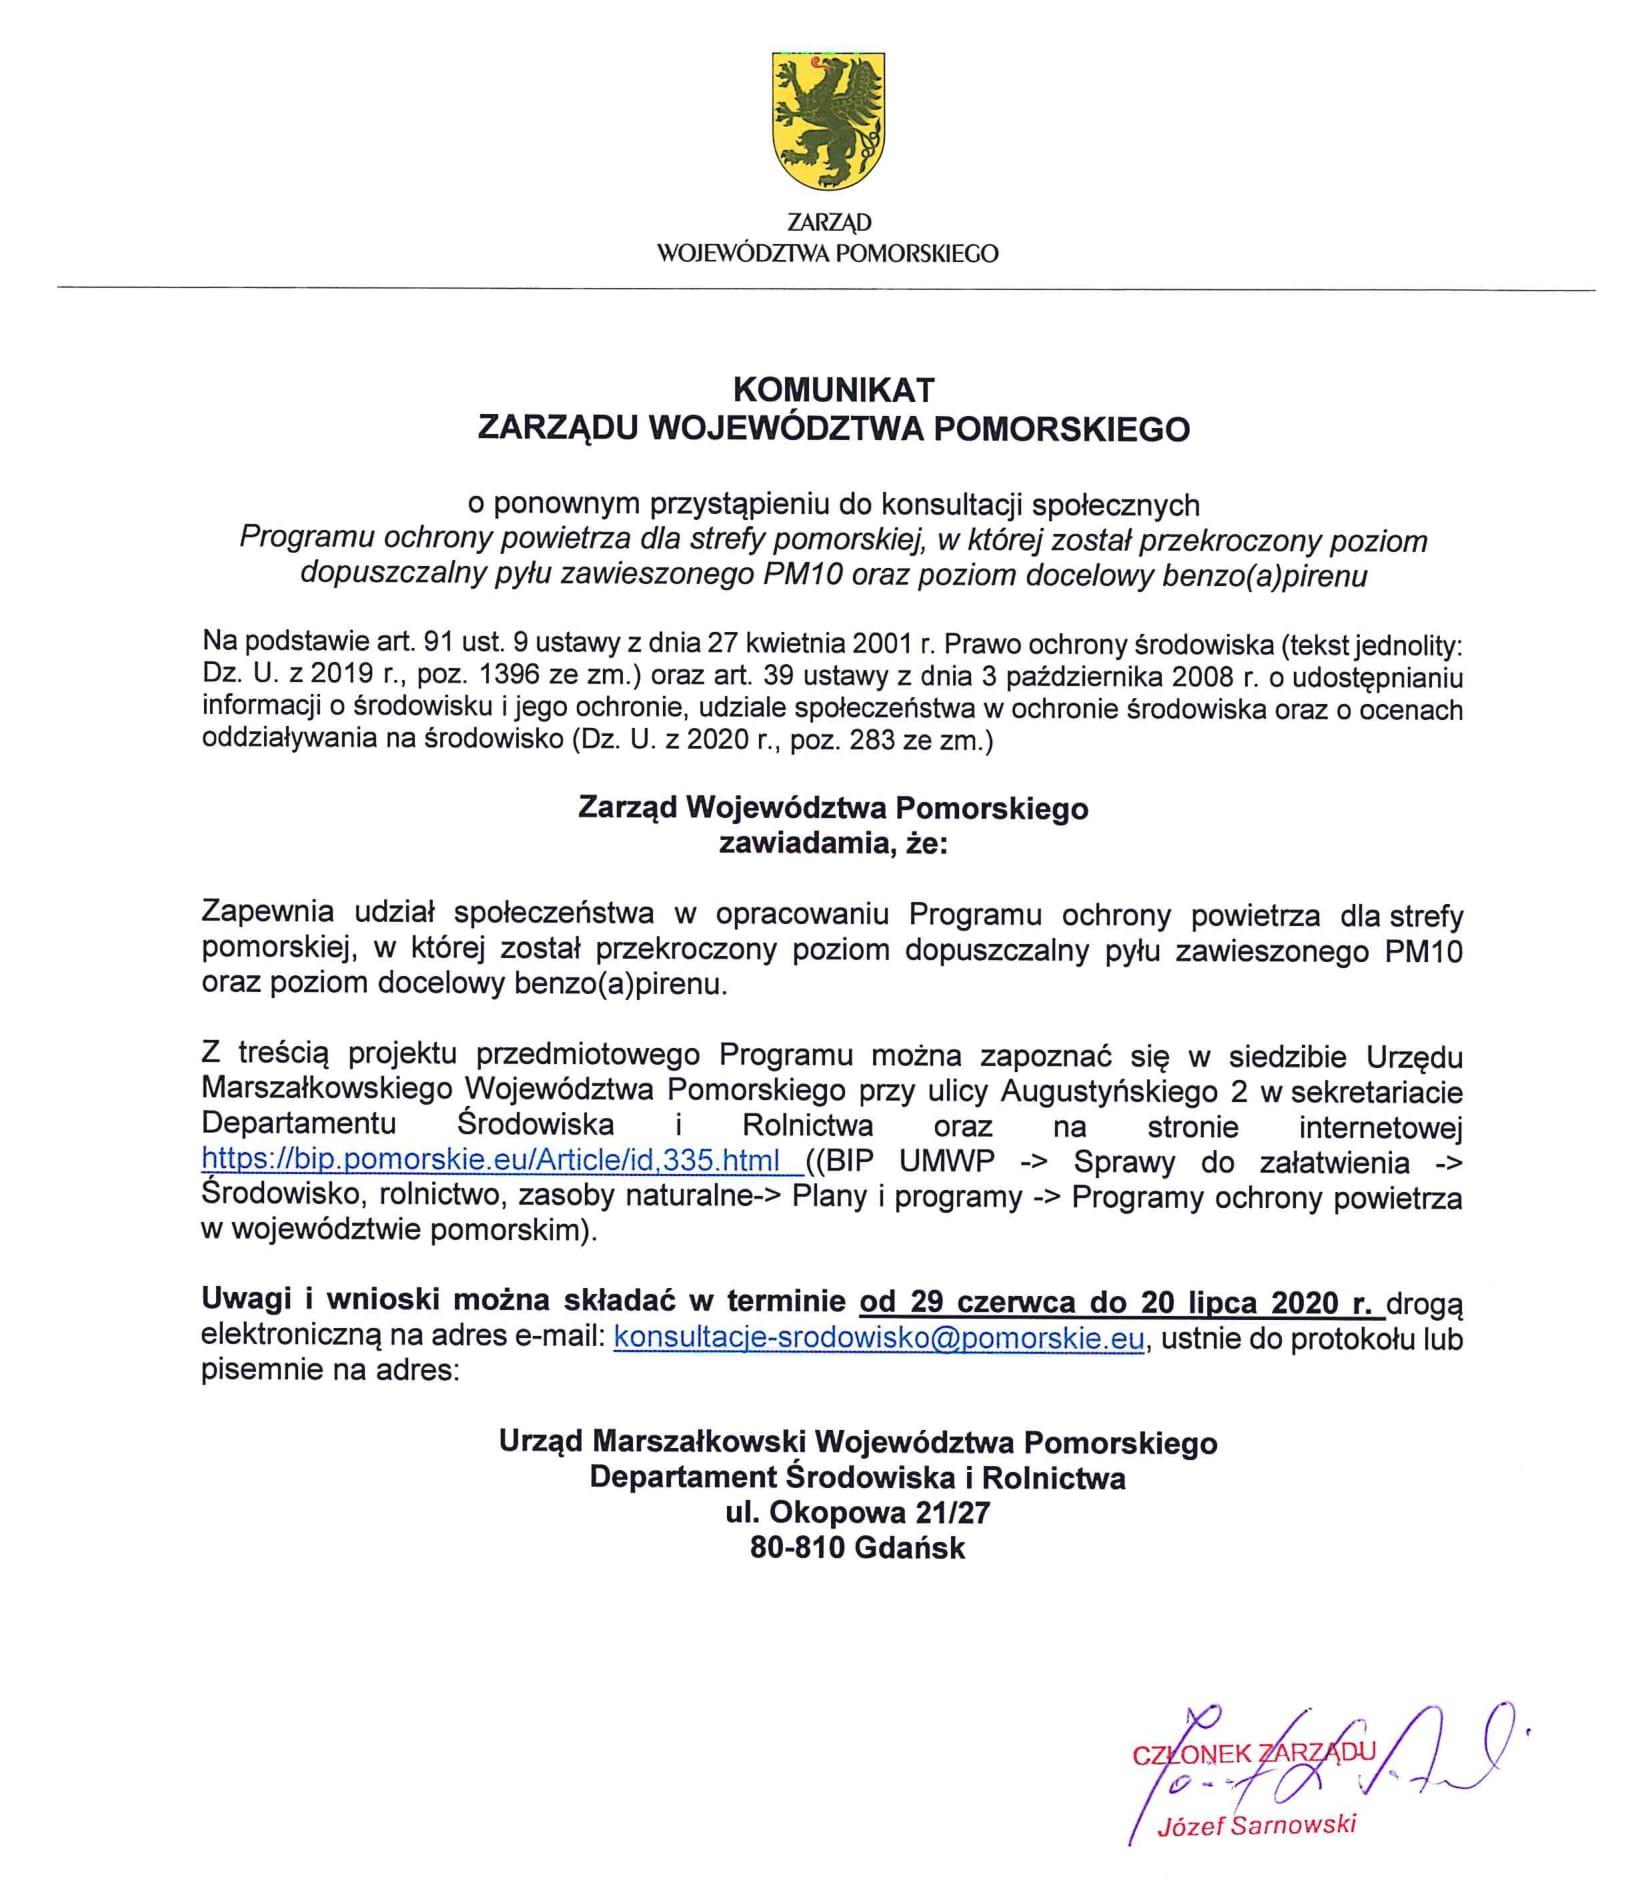 http://m.82-200.pl/2020/06/orig/konsultacje-pop-pomorska-1-6242.jpg